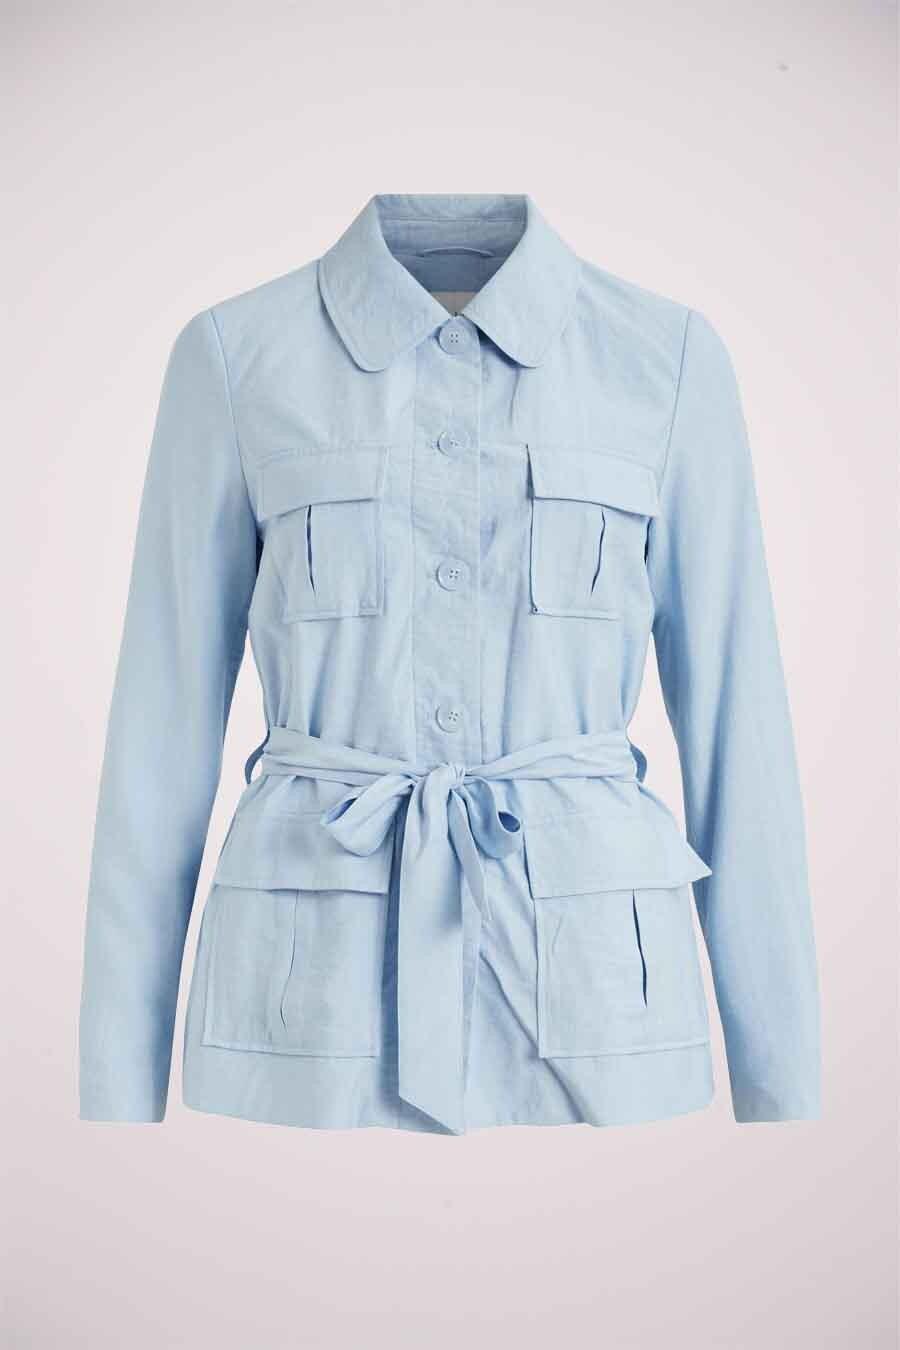 VILA® Blazer, Blauw, Dames, Maat: 34/36/38/40